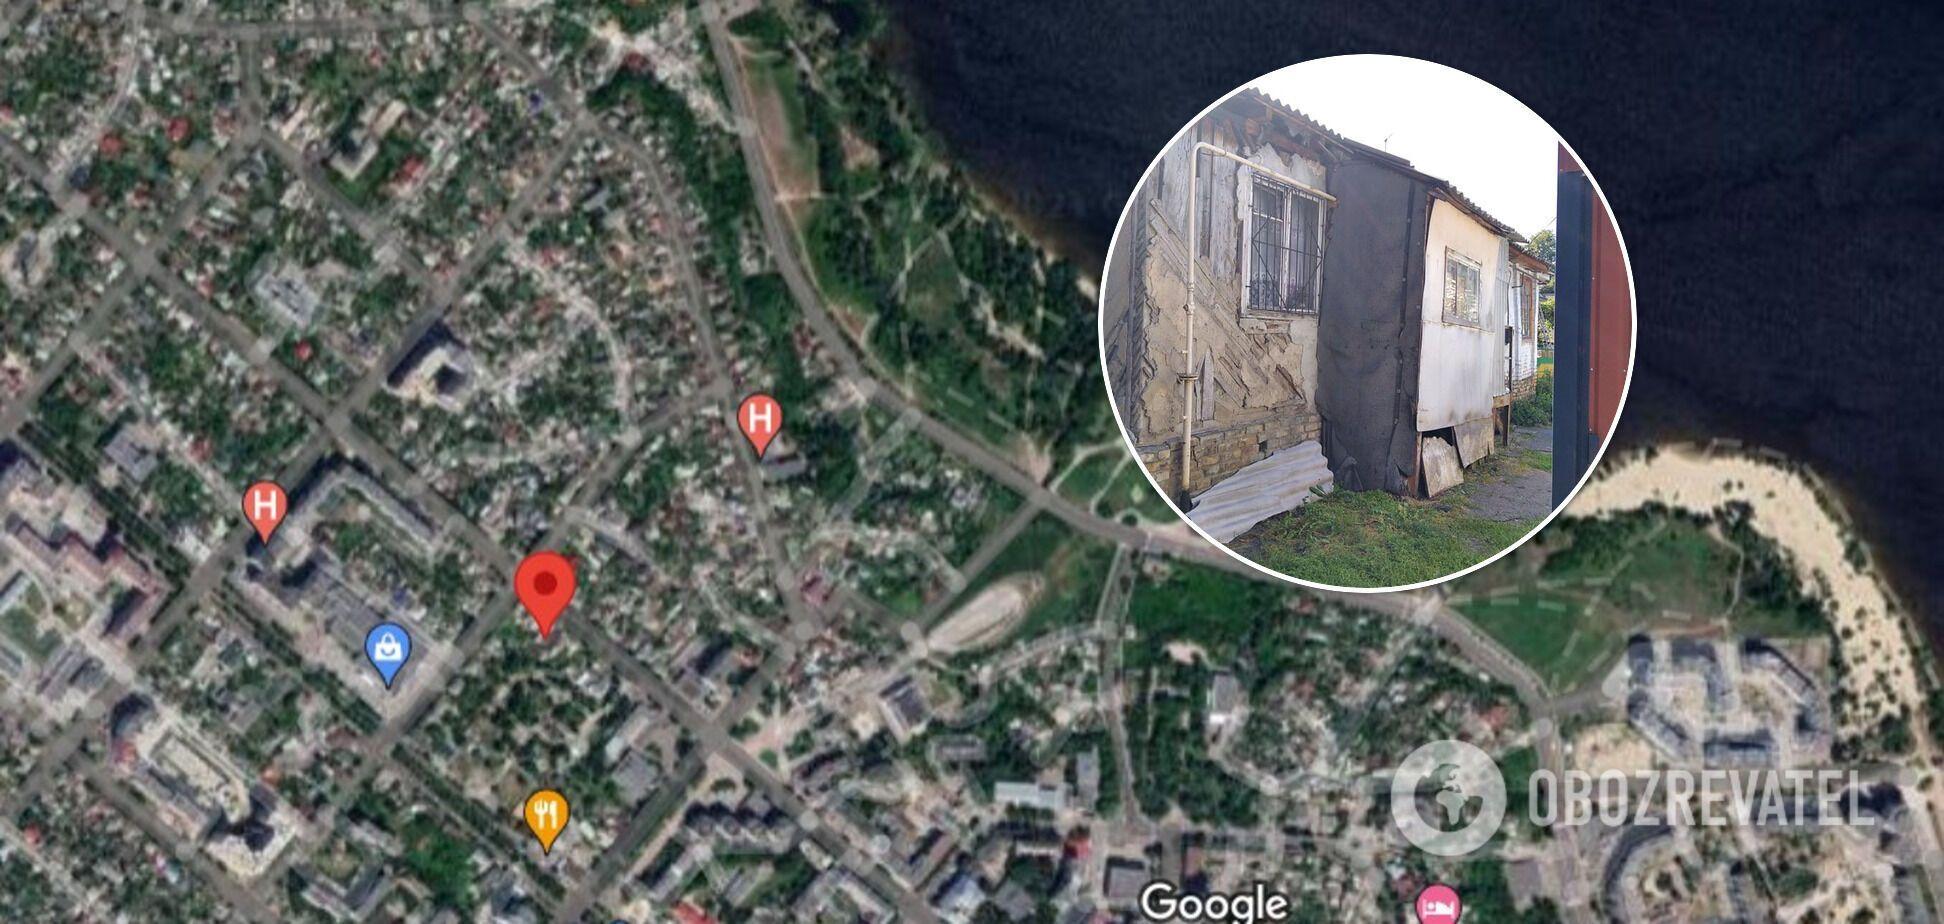 Трагедія сталася в Черкасах на вулиці Хрещатик